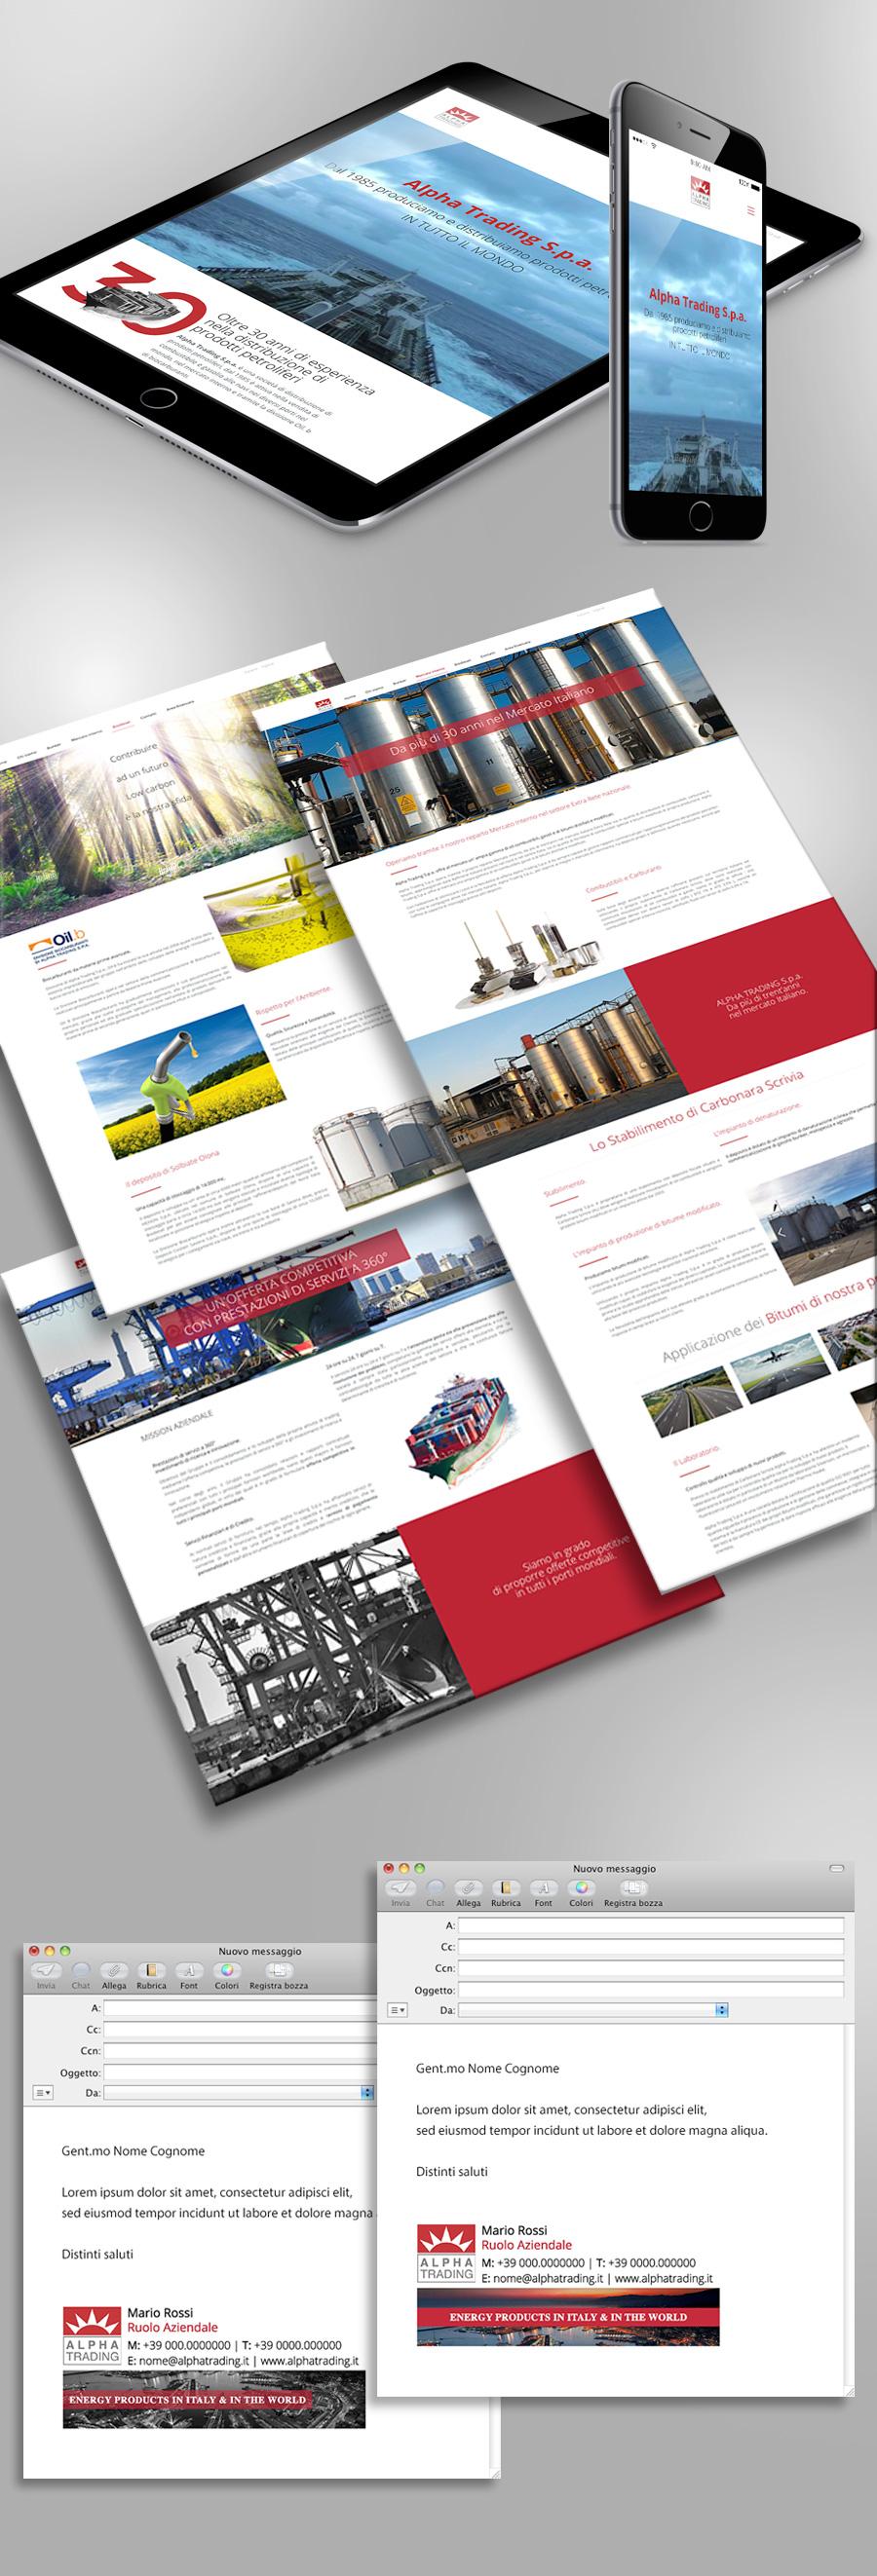 belink-design-agenzia-di-comunicazione-genova-sito-web-alpha-trading